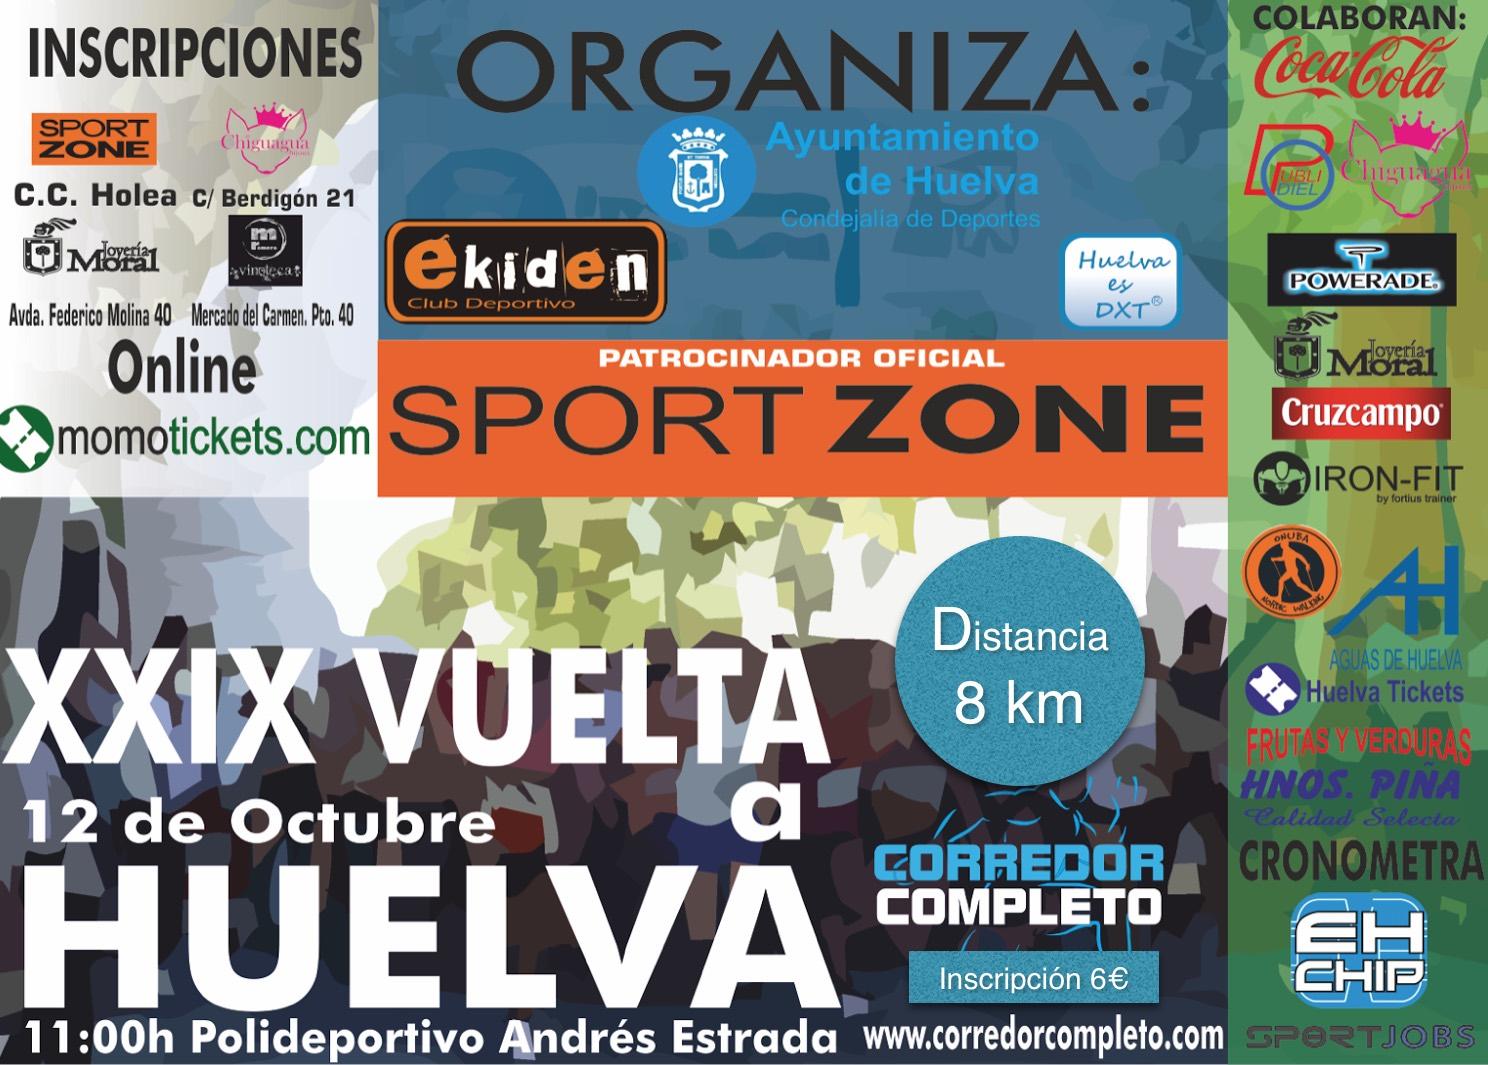 XXIX Vuelta a Huelva